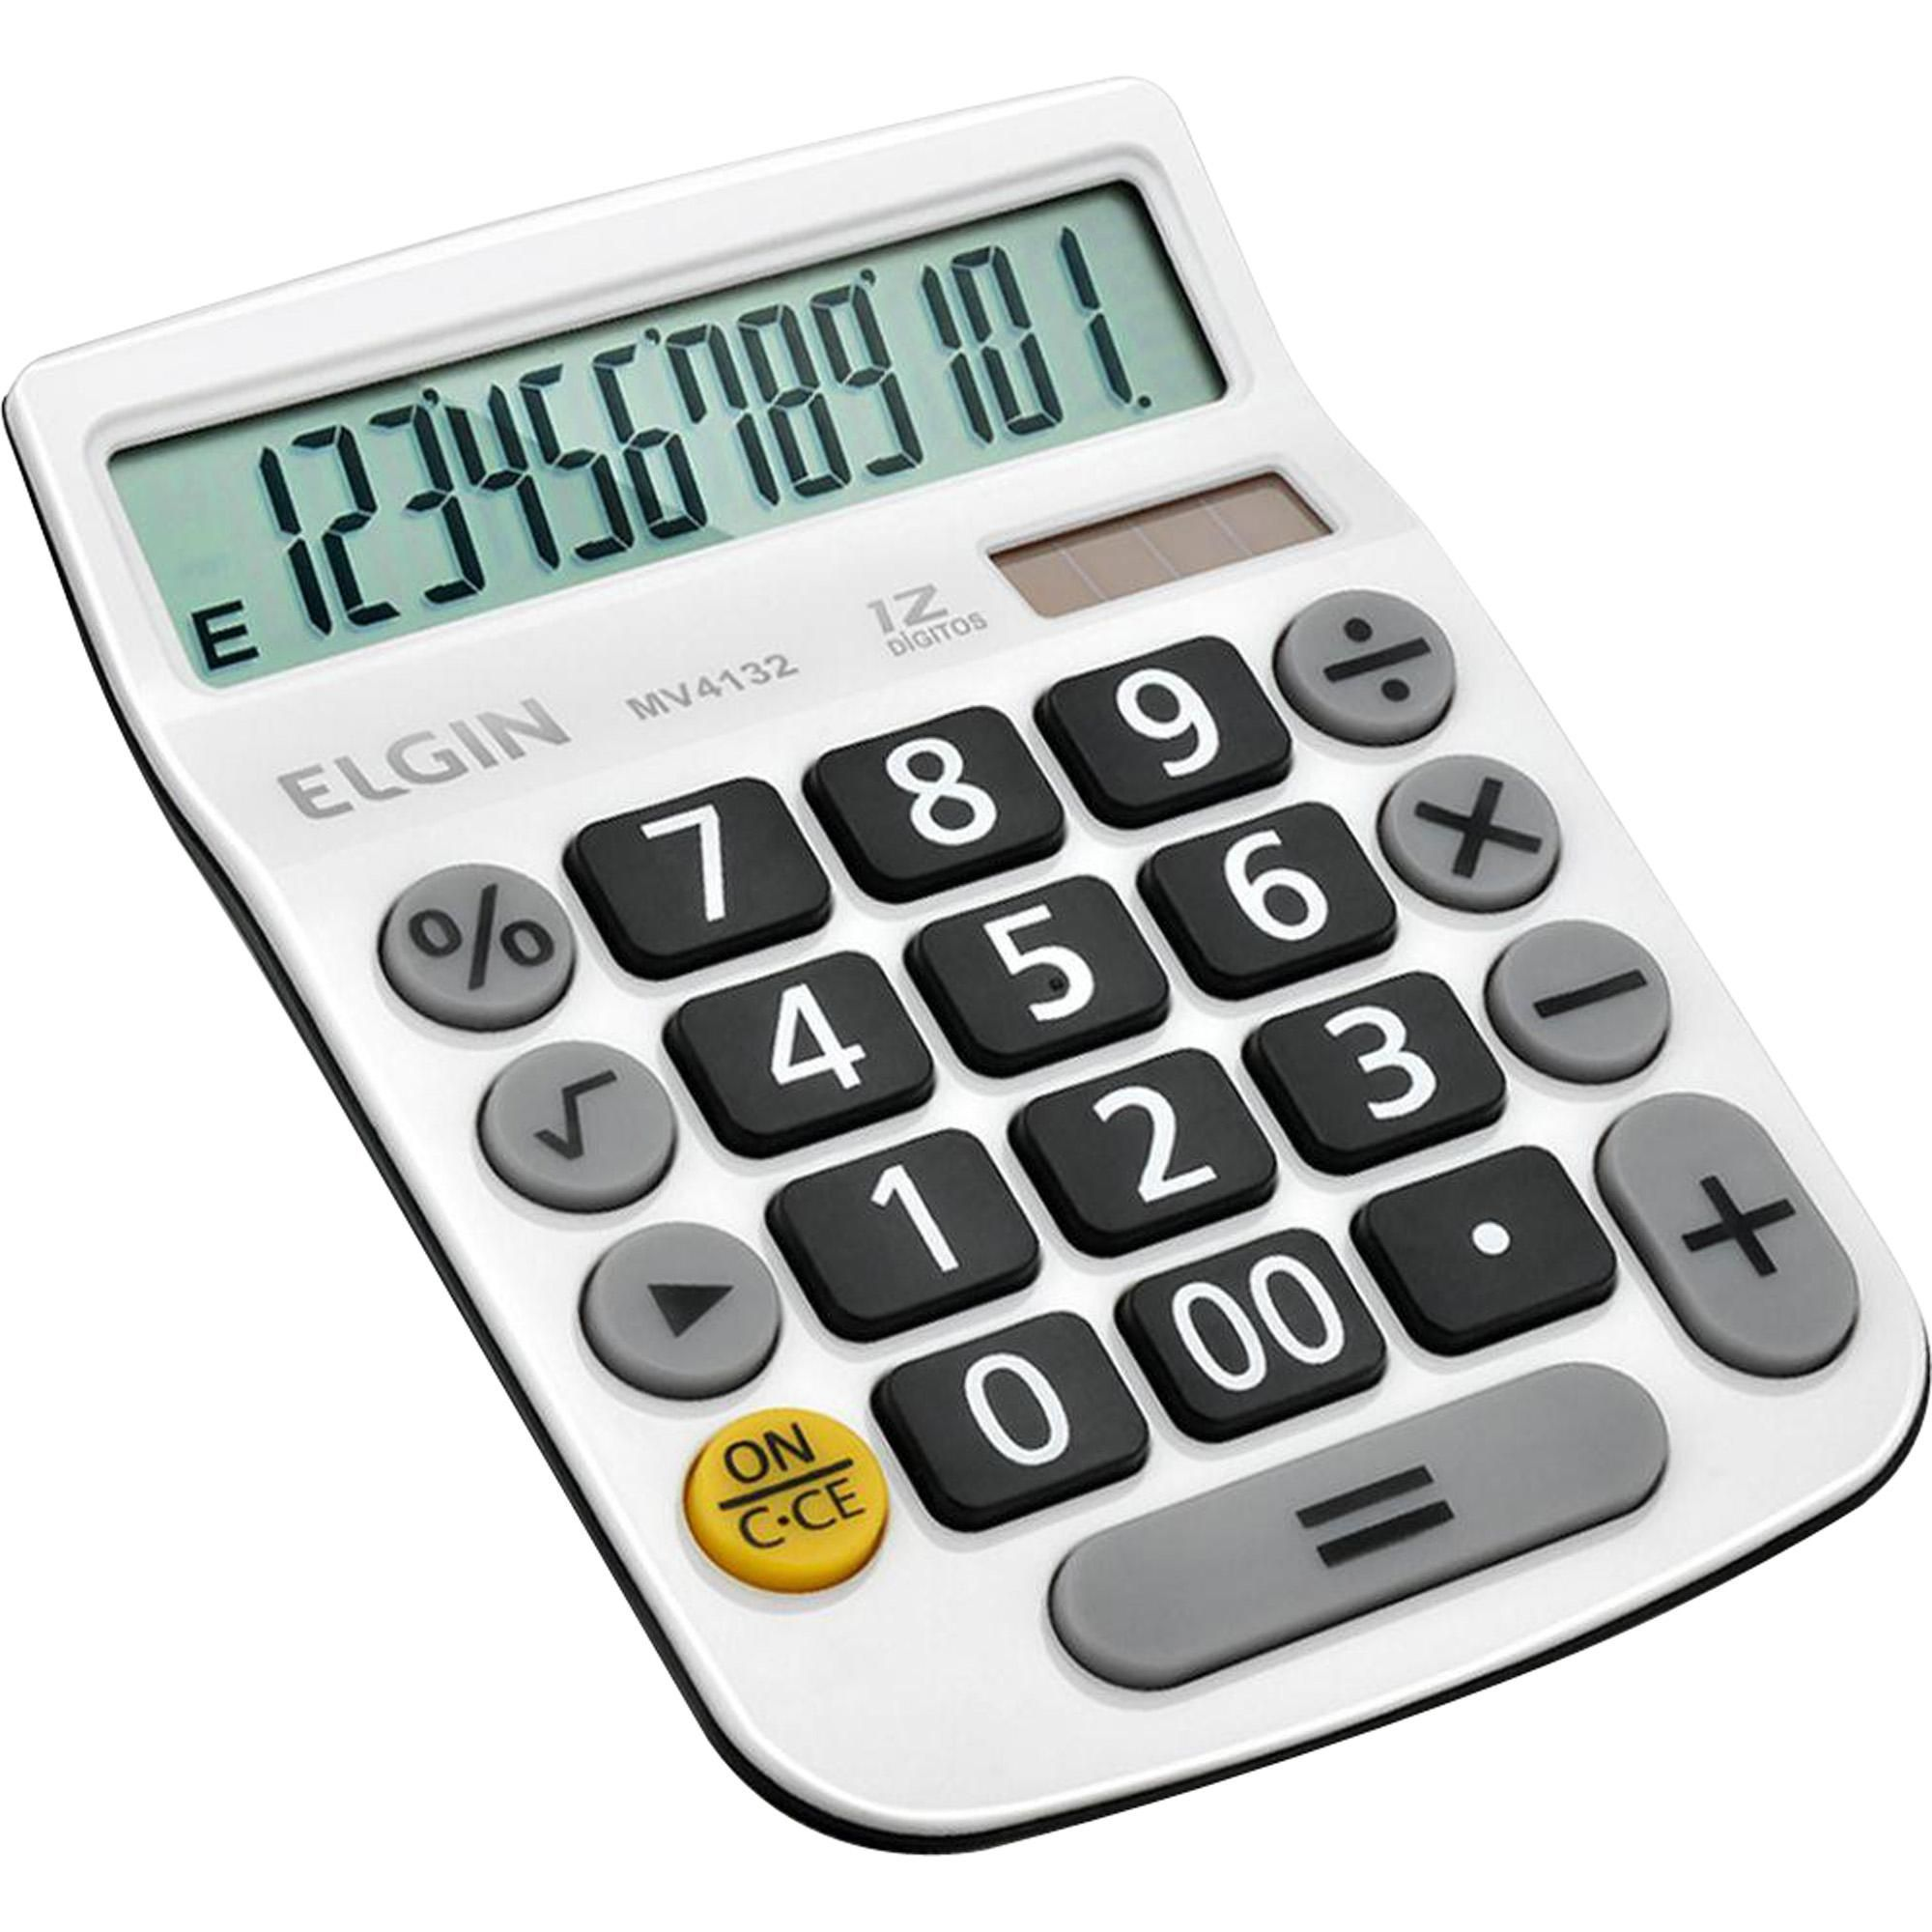 Calculadora Elgin Mv4132 12 dígitos solar e bateria